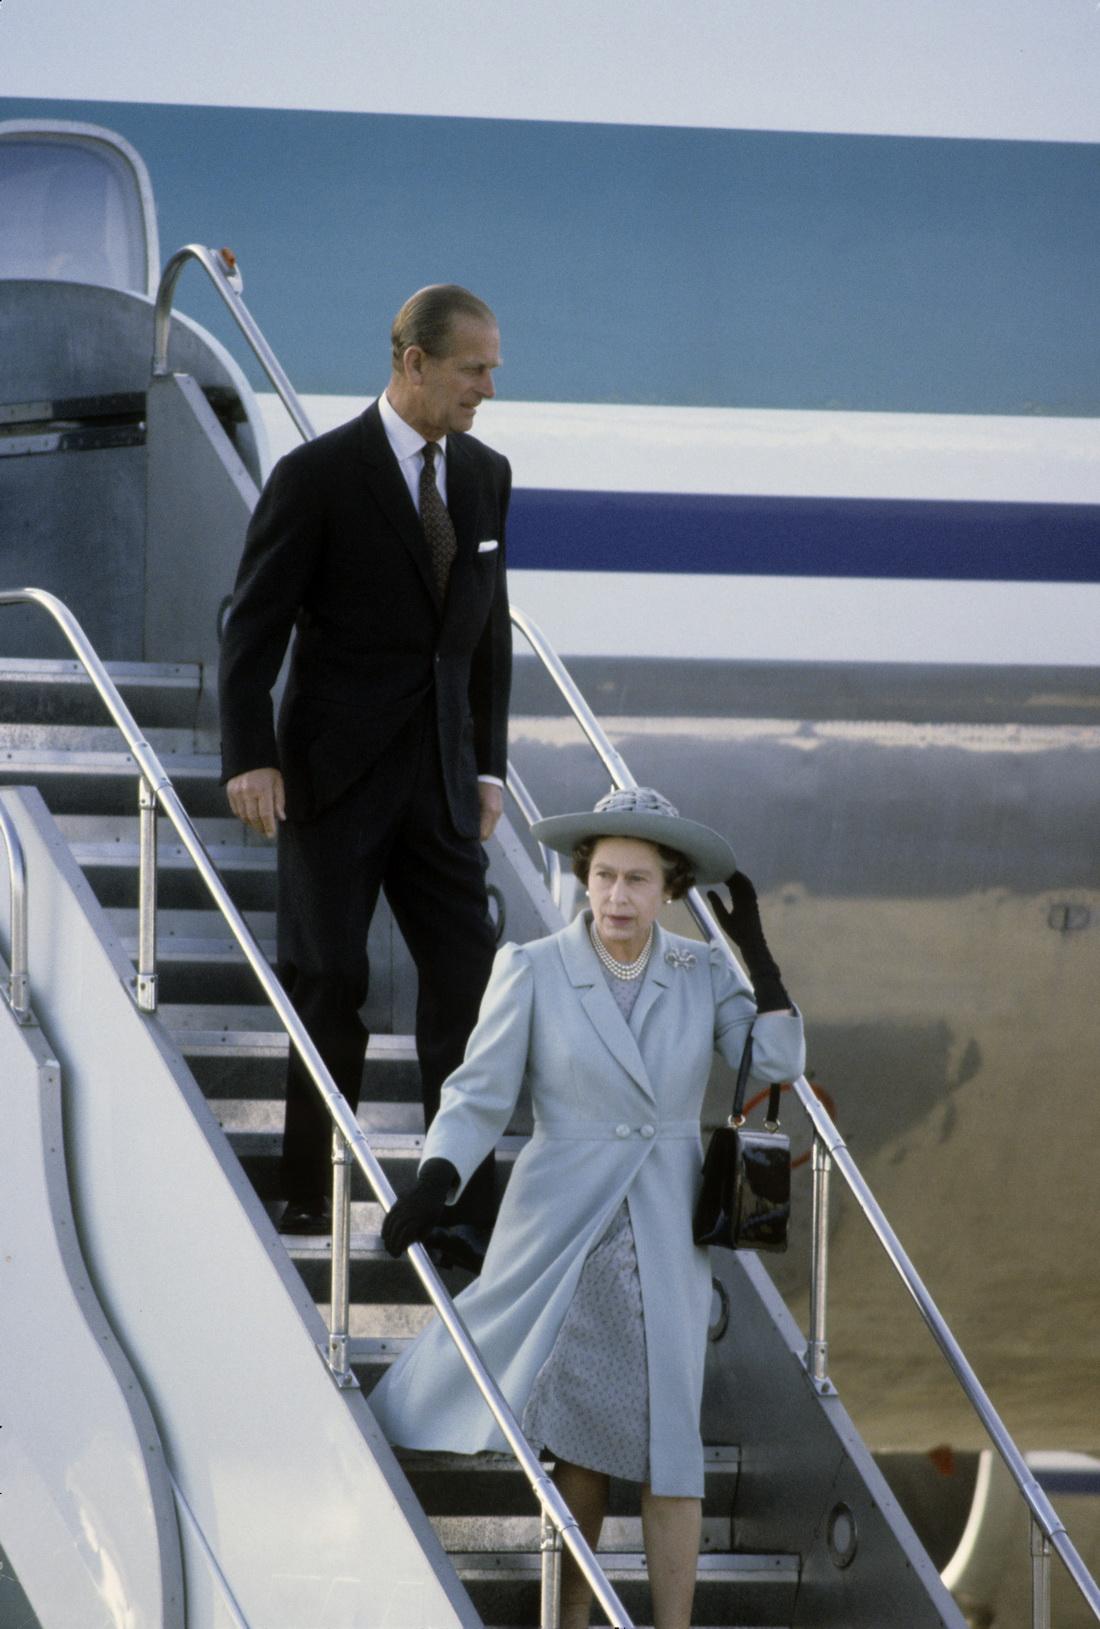 当地时间1981年10月,英国女王伊丽莎白二世和菲利普亲王抵达新西兰惠灵顿访问。